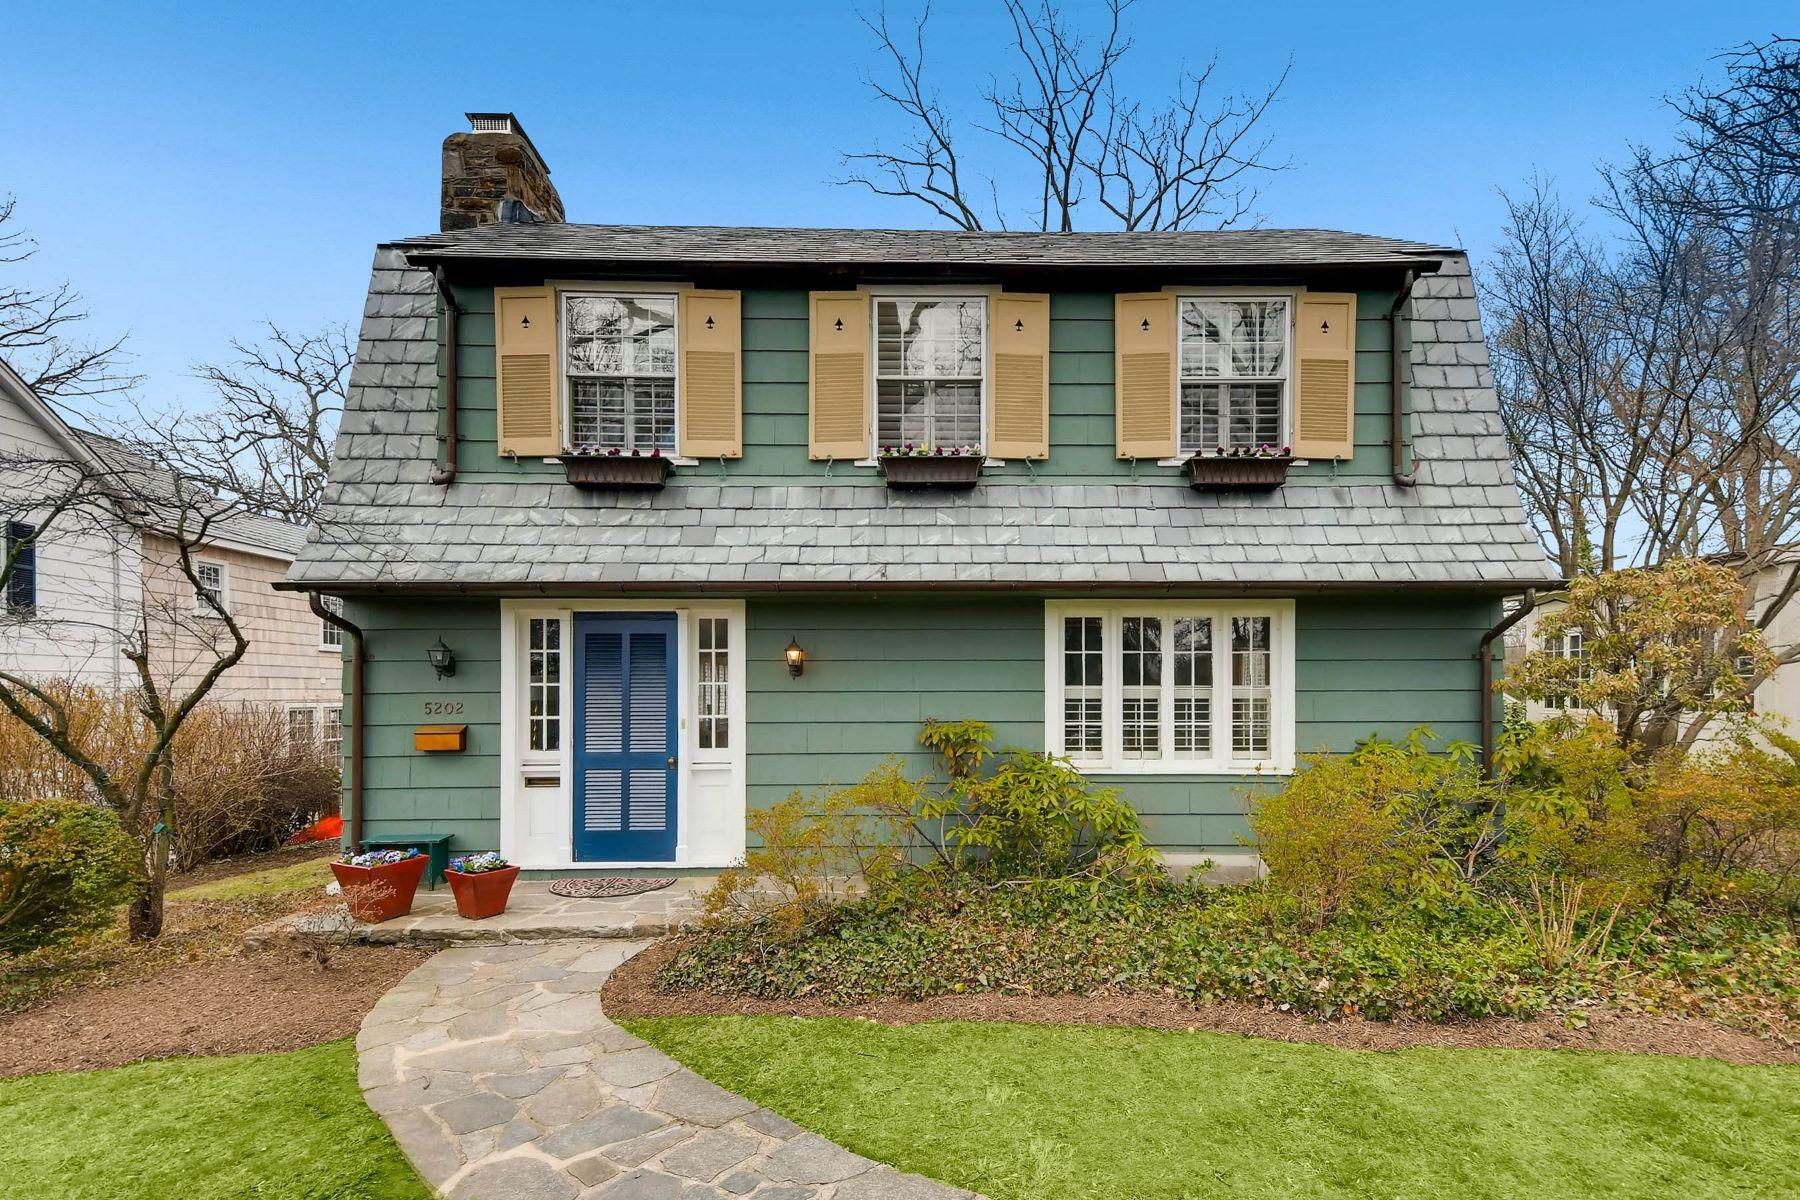 Частный односемейный дом для того Продажа на Homeland 5202 Tilbury Way, Homeland, Baltimore, Мэриленд, 21212 Соединенные Штаты